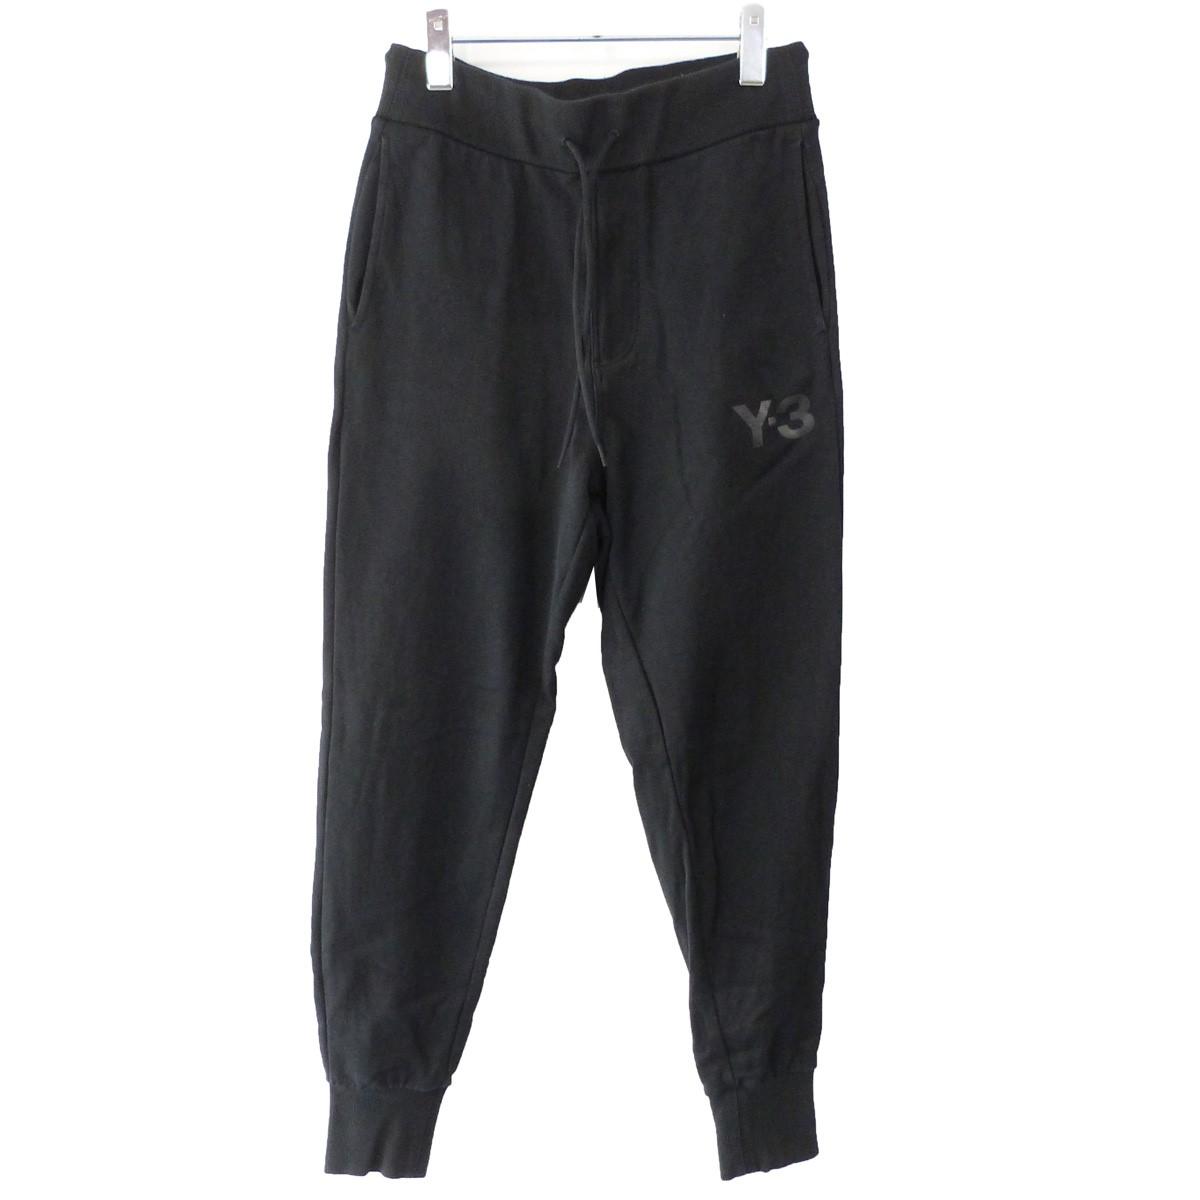 【中古】Y-3 「M CL CUFF PANTS」 ジョガーロゴスウェットパンツ ブラック サイズ:XS 【090220】(ワイスリー)